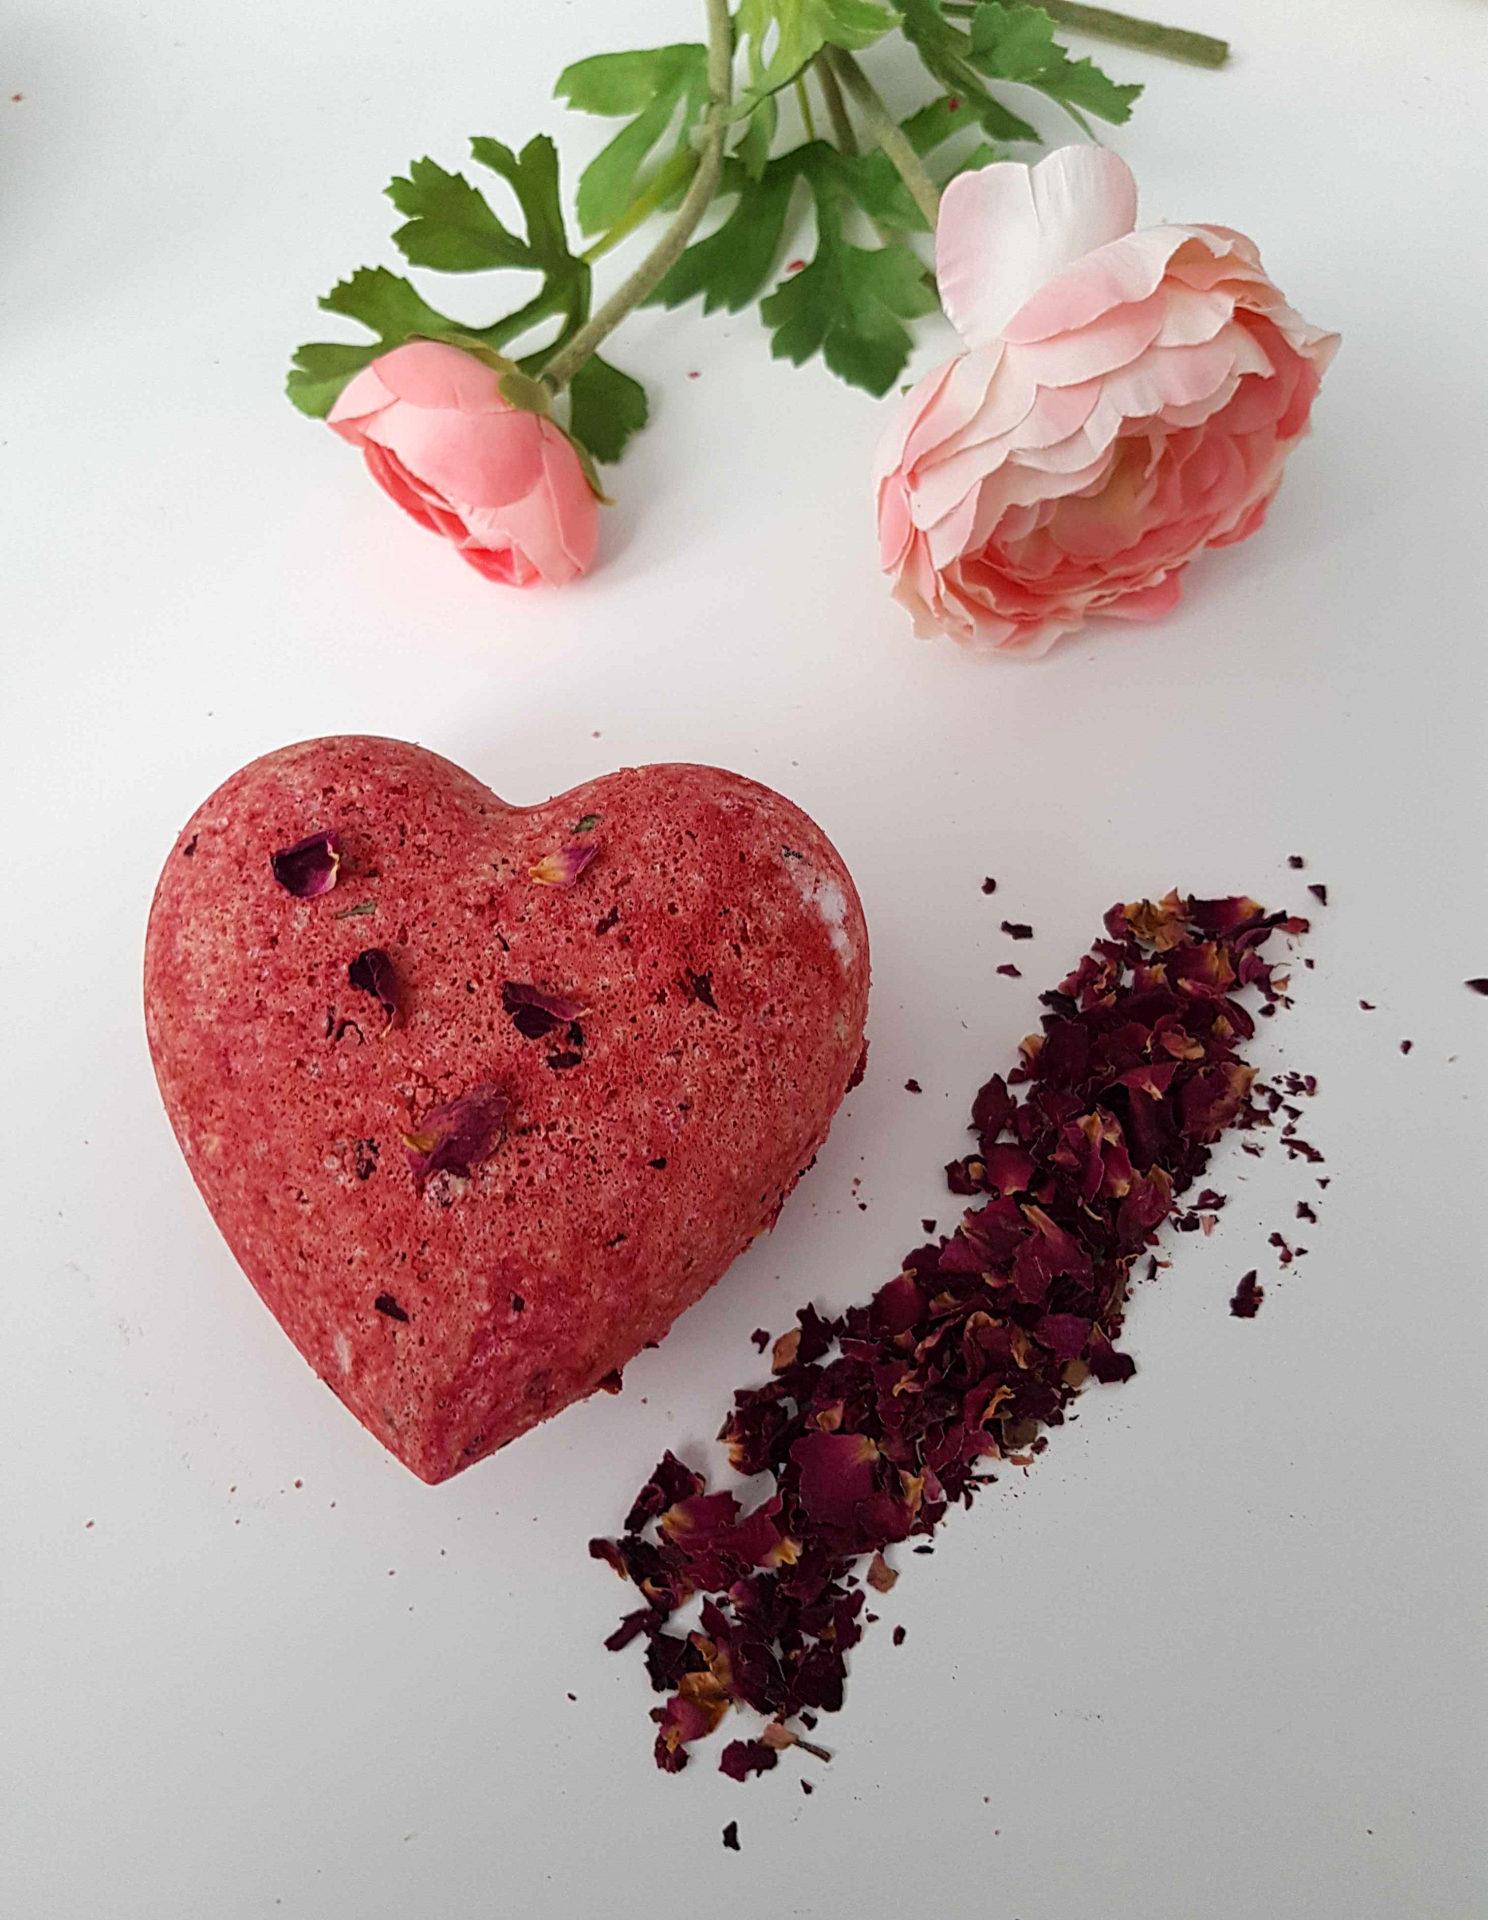 Przepis (DIY) na różane kule do kąpieli